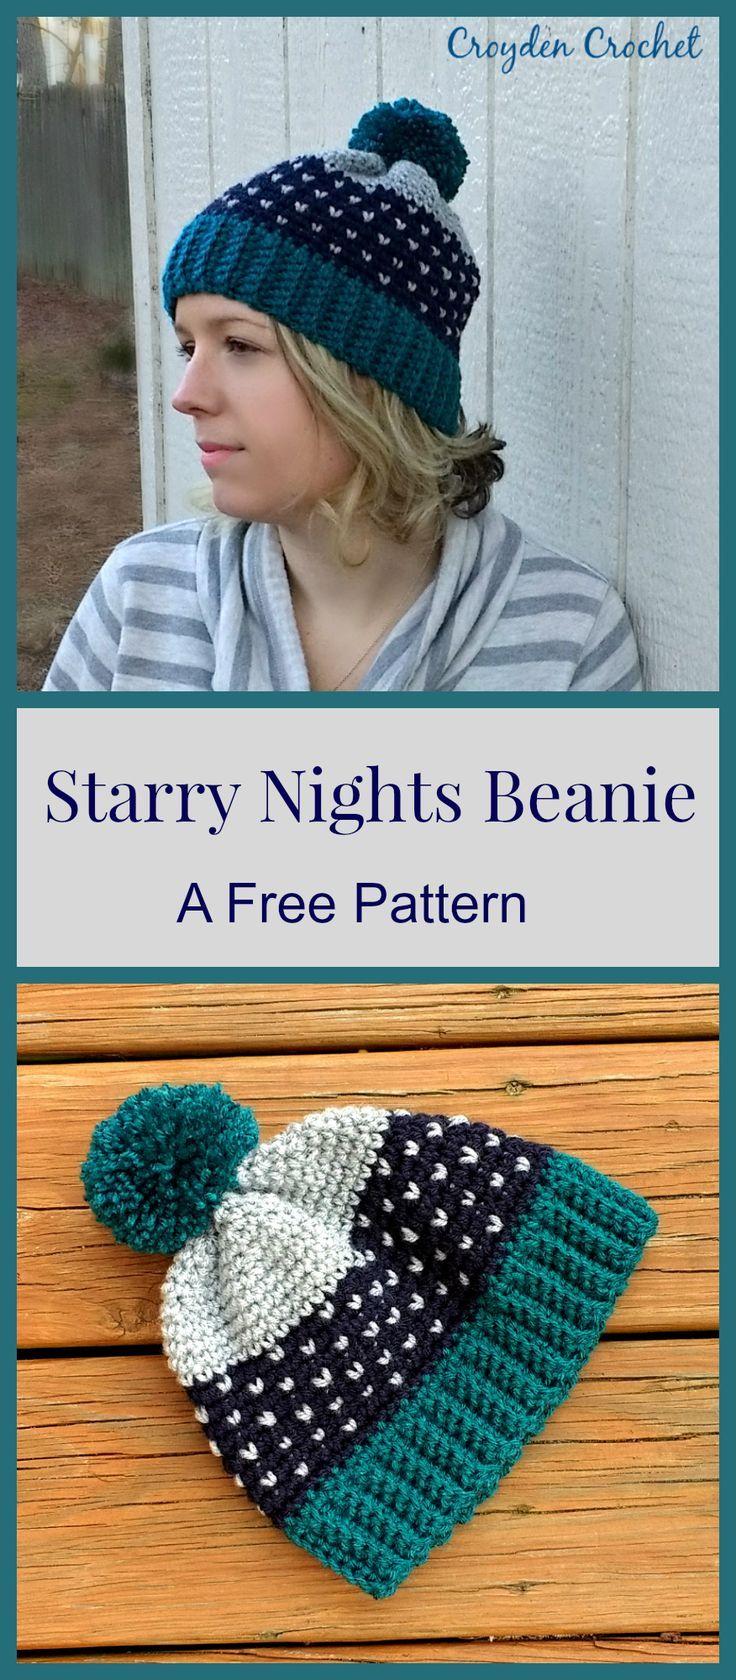 Starry nights beanie croyden crochet free pattern beanie free pattern this starry nights beanie pattern is a great beginner friendly fair isle crochet bankloansurffo Gallery